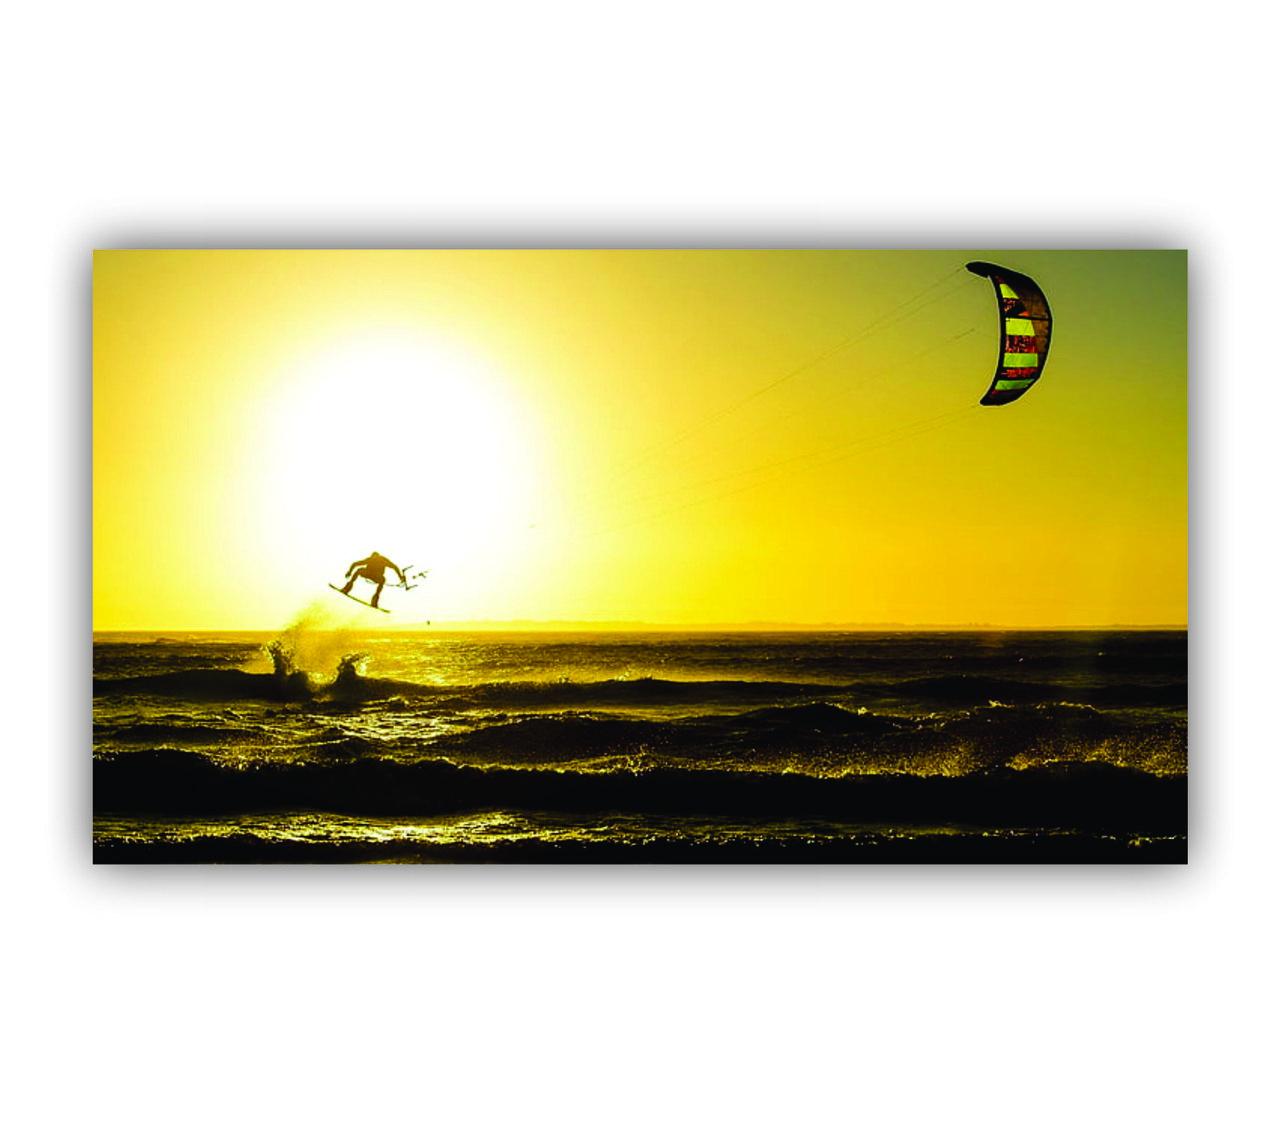 Quadro Kite Surf Estilo de Vida - Tela Única